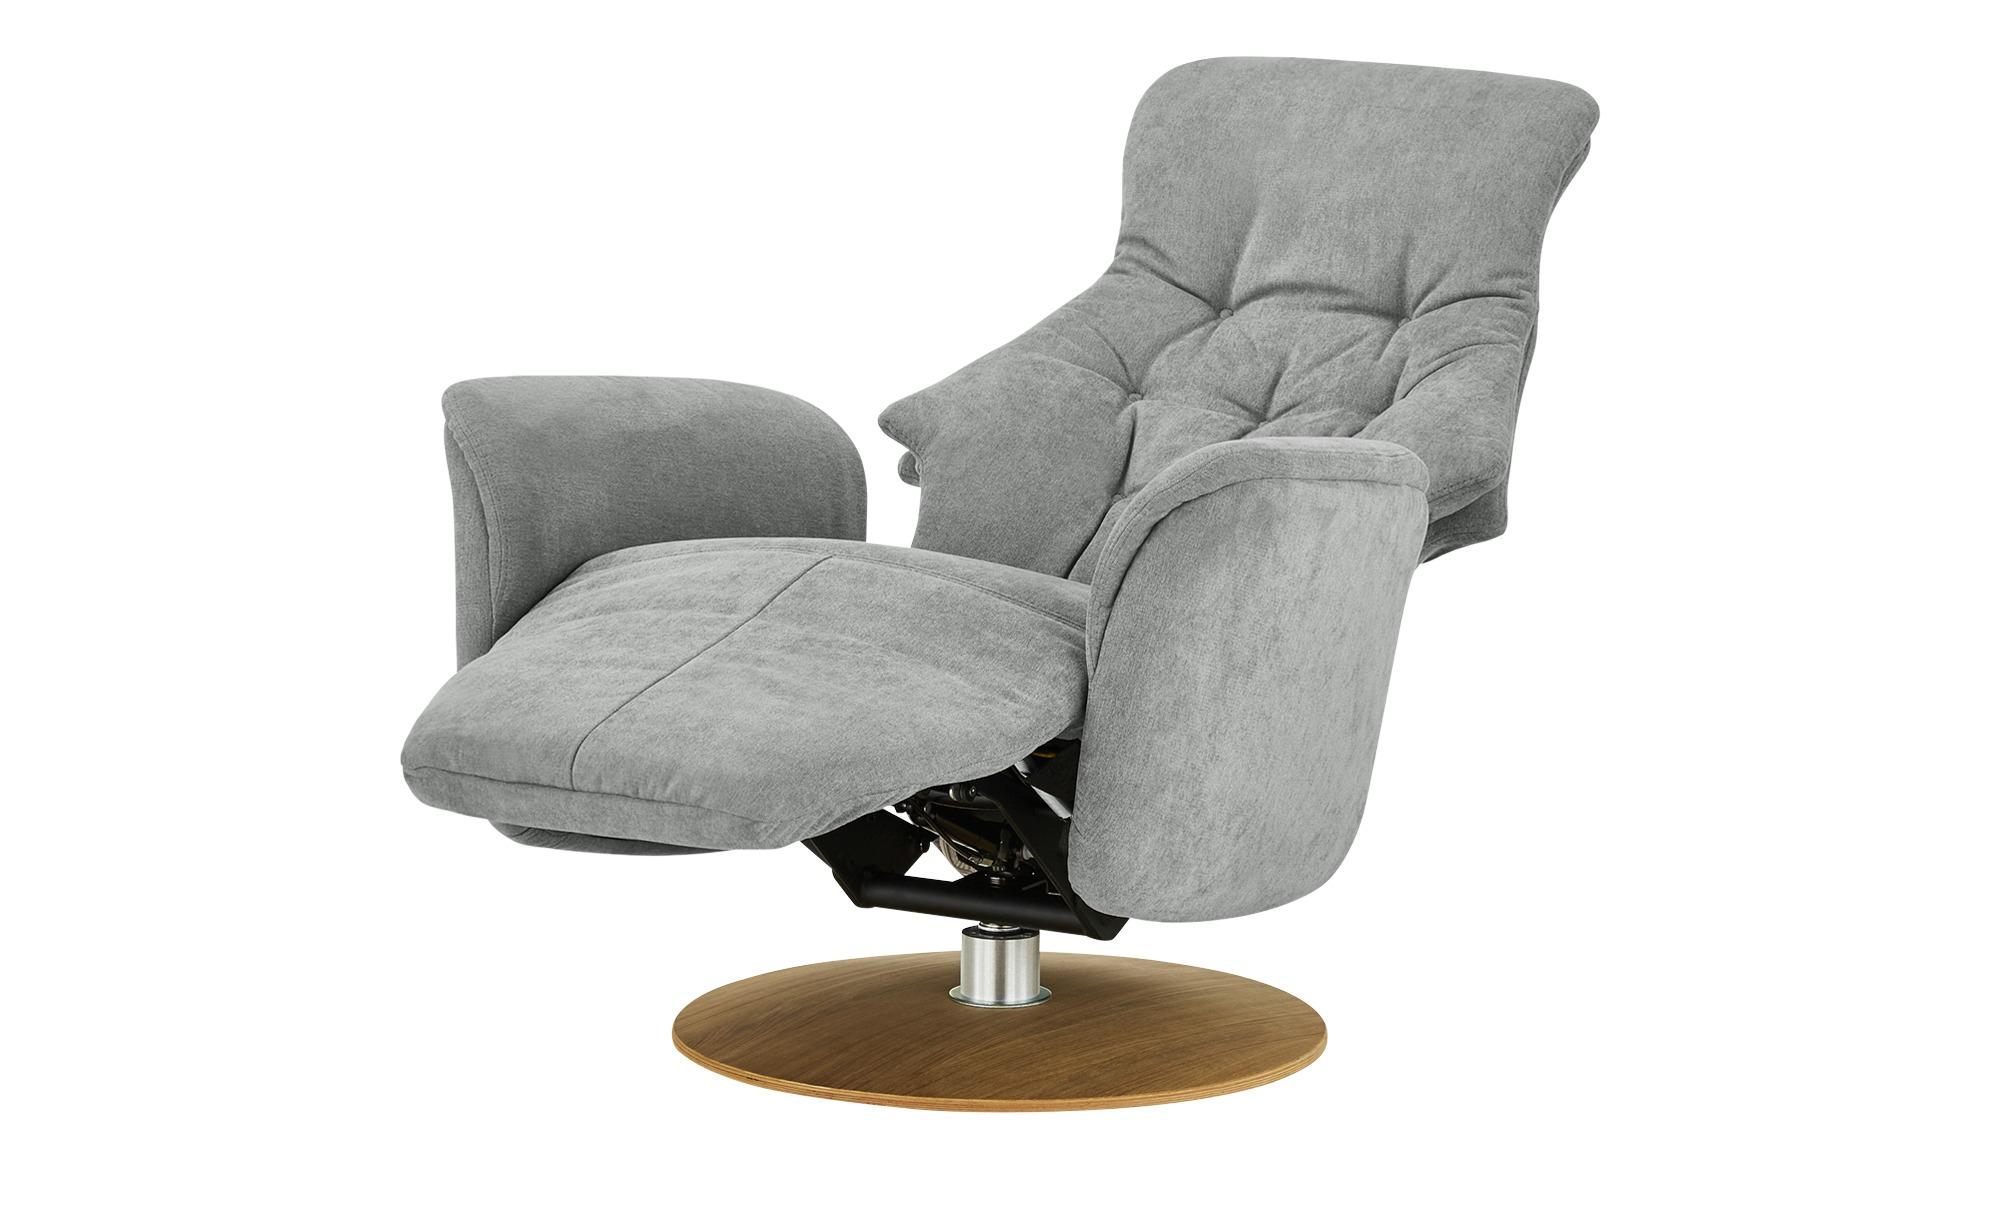 Nils Olsen Relaxsessel  Arend ¦ grau ¦ Maße (cm): B: 74 H: 110 T: 80 Polstermöbel > Sessel > Fernsehsessel - Höffner